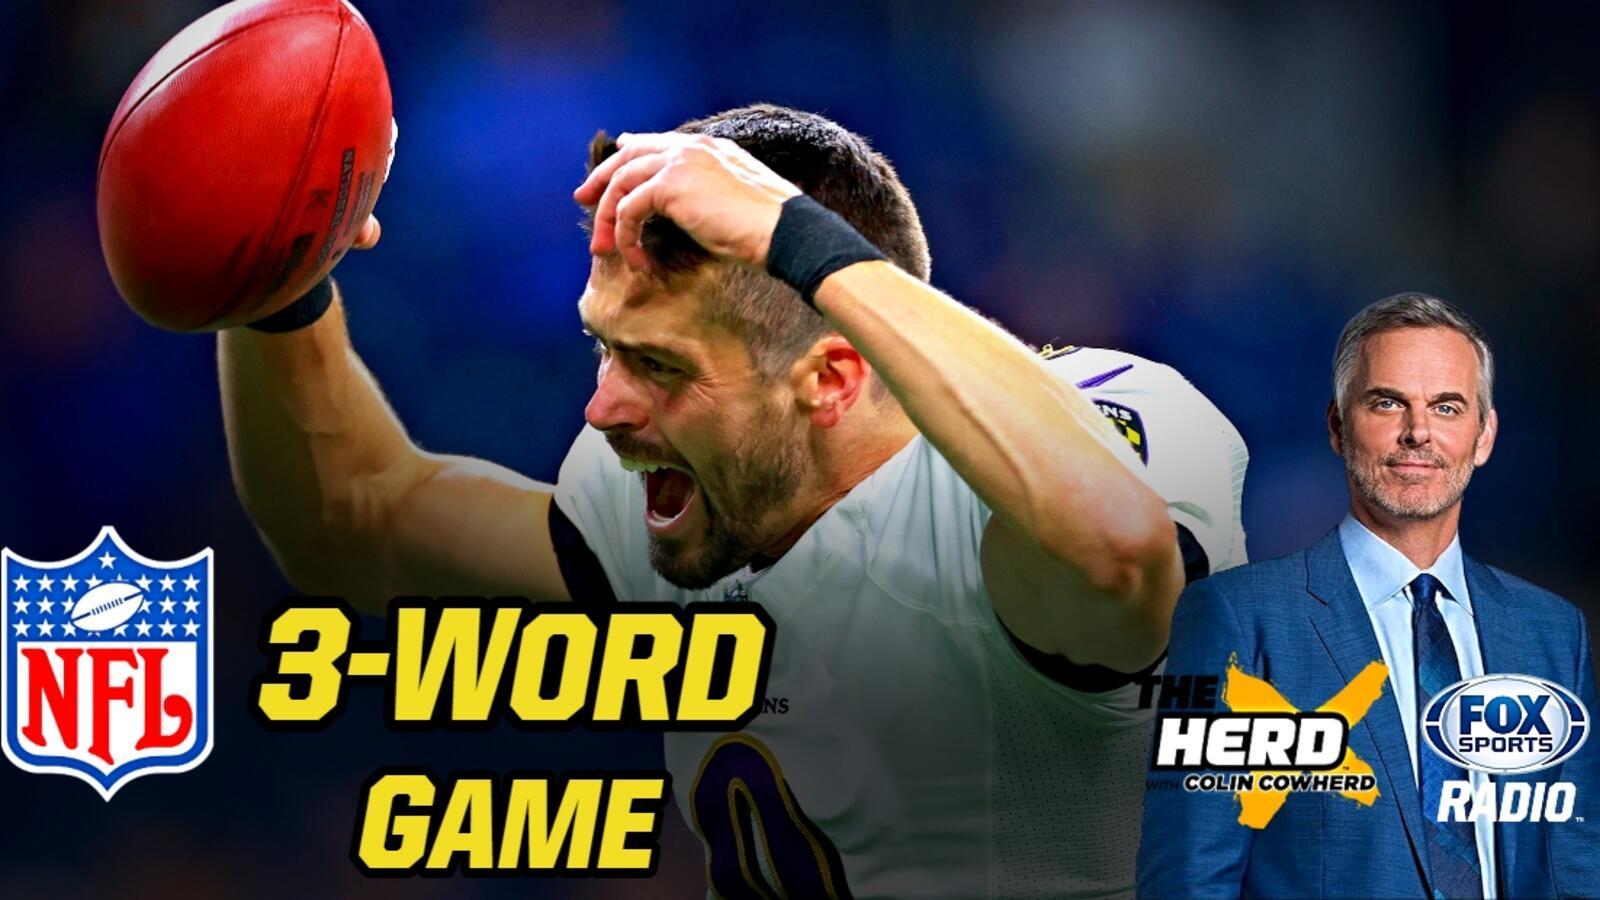 Colin Cowherd Breaks Down Every NFL Week 3 Game in Just Three Words